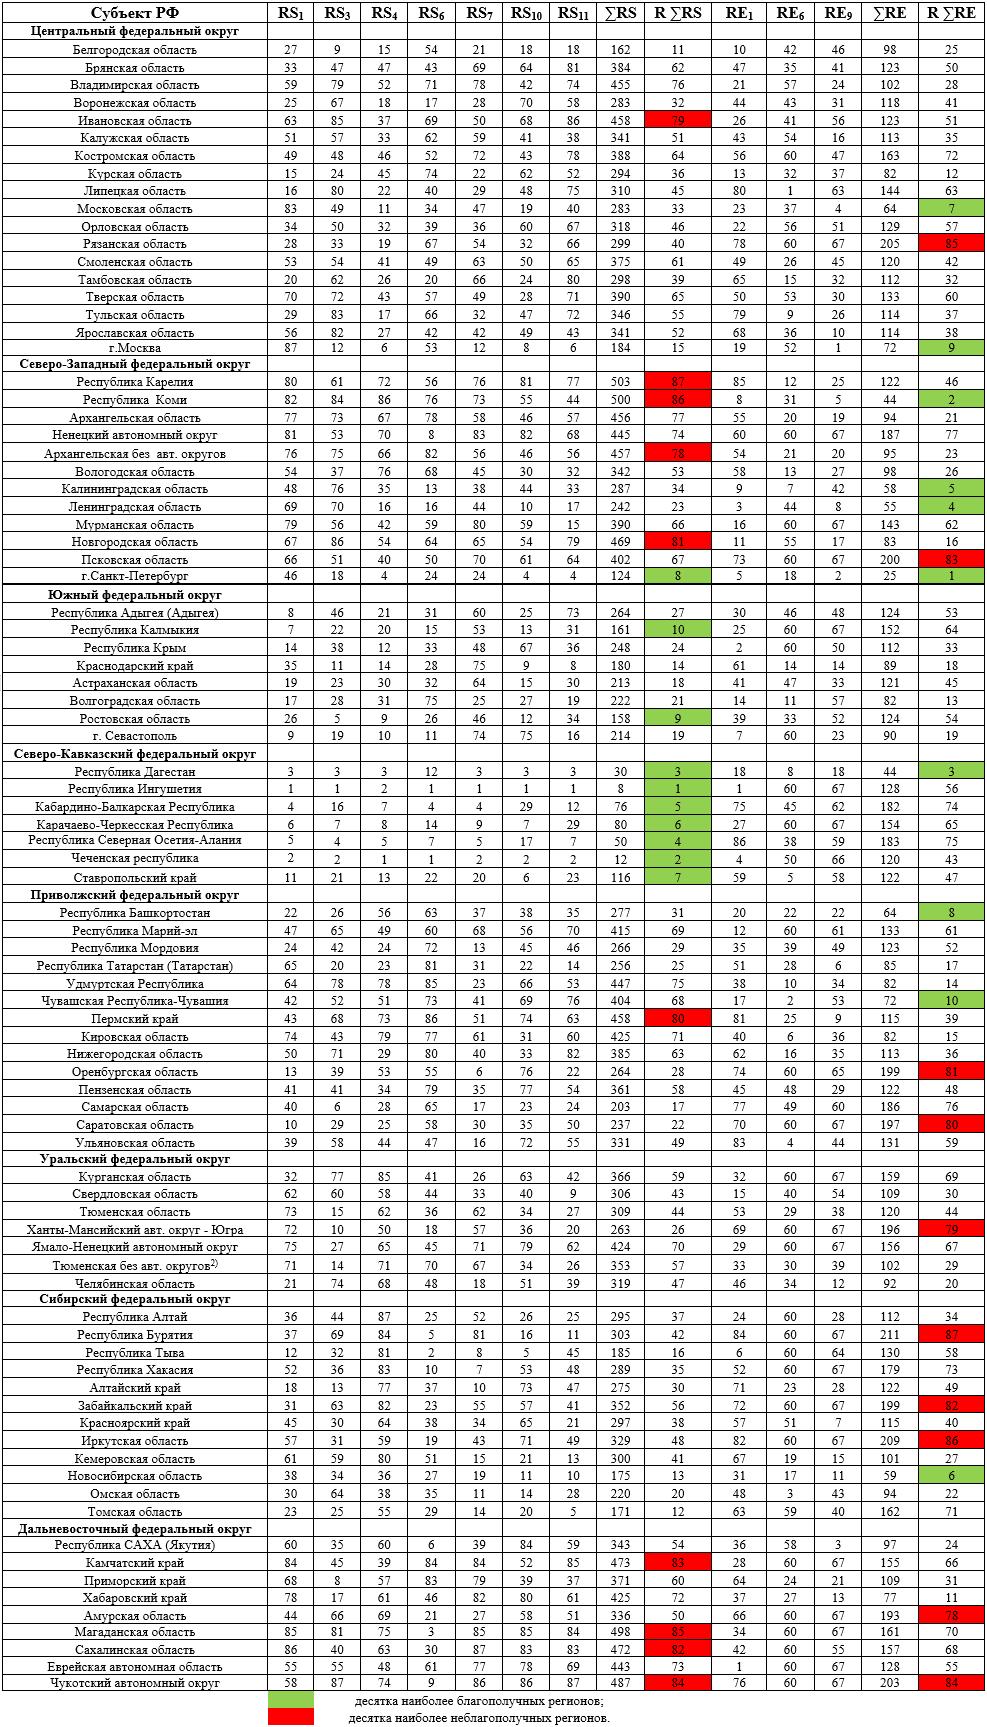 Свод рейтинговой оценки состояния и развития алкогольной ситуации в российских регионах в 2015 г.